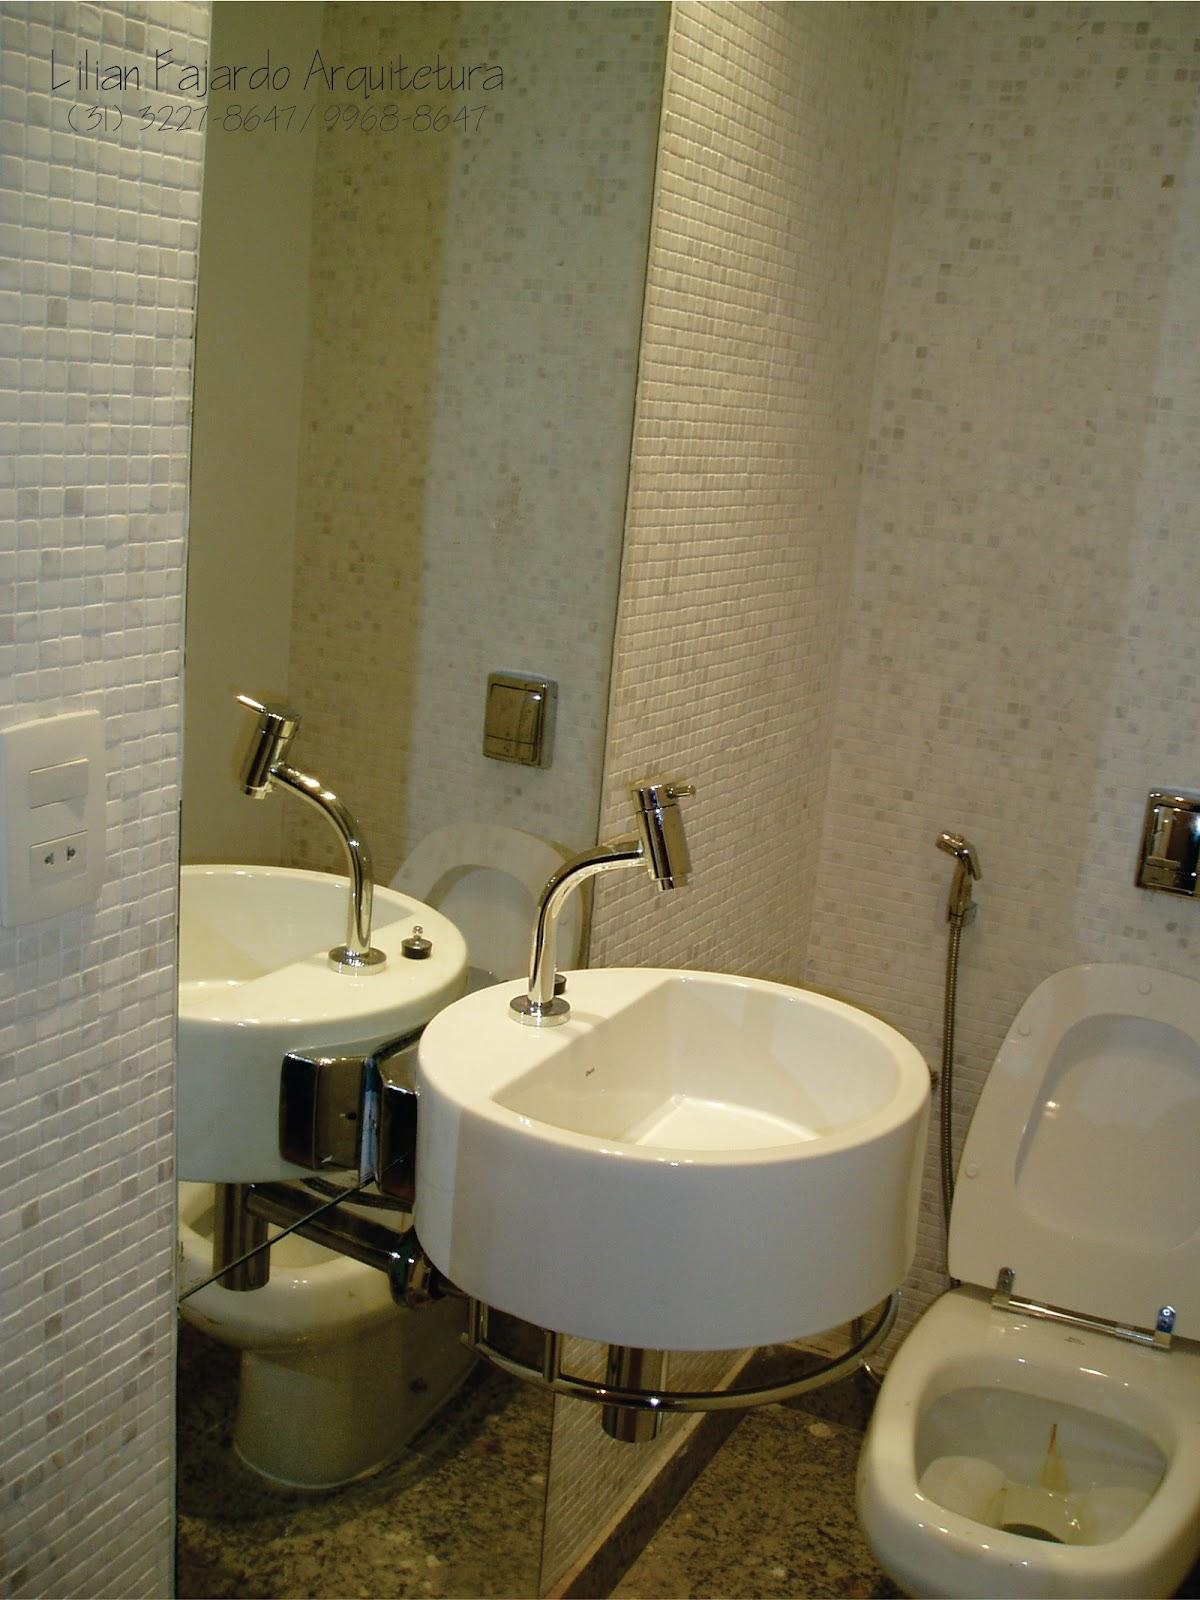 Lilian fajardo arquiteta associados reforma lavabo for Reforma lavabo precio